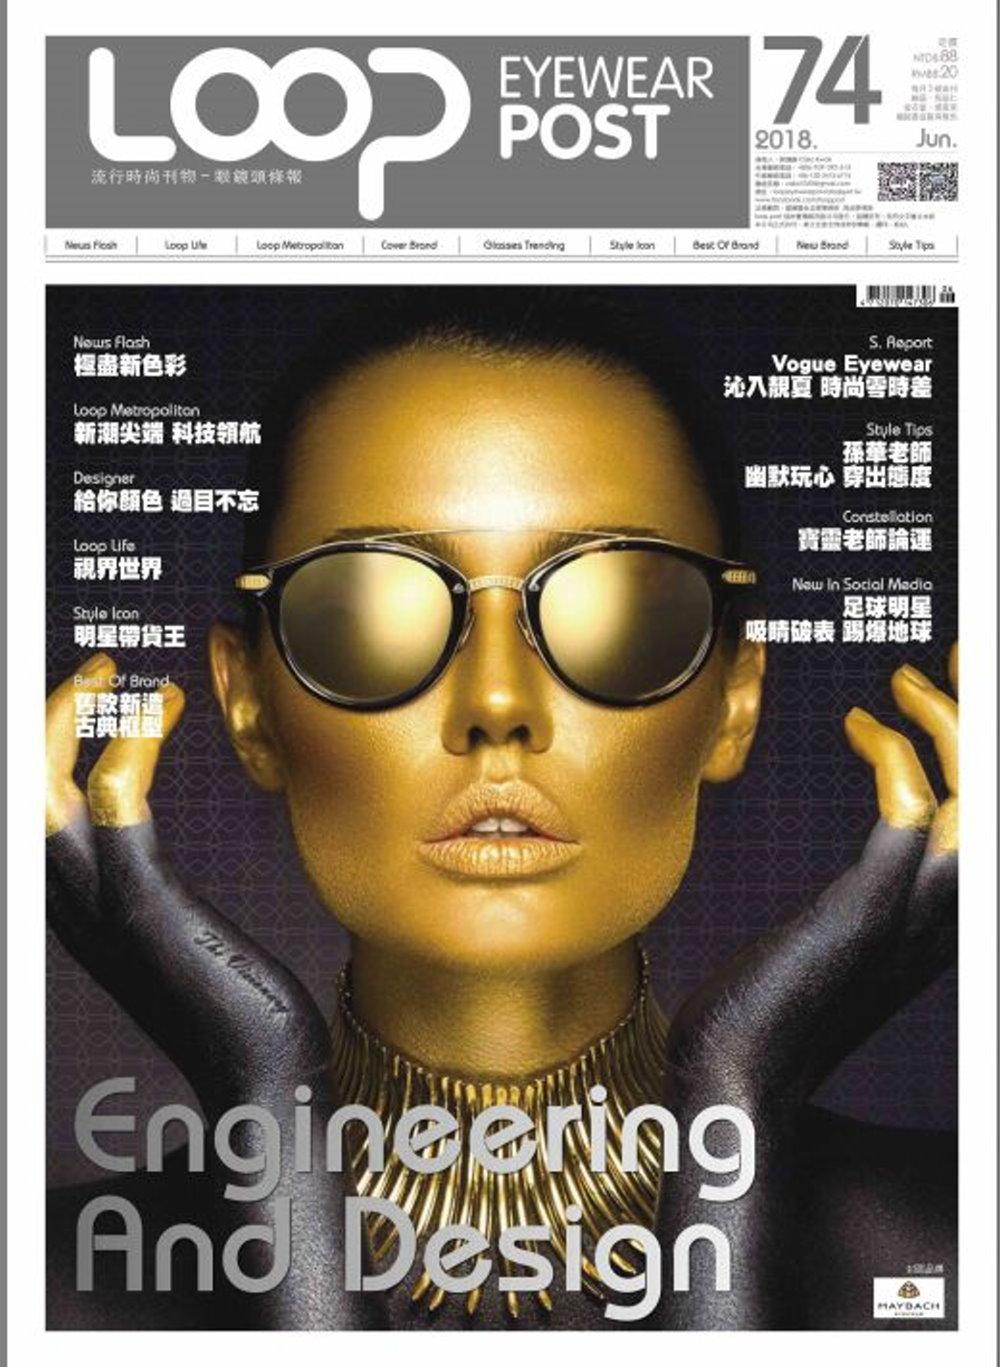 LOOP眼鏡頭條報 6月號/2018 第74期